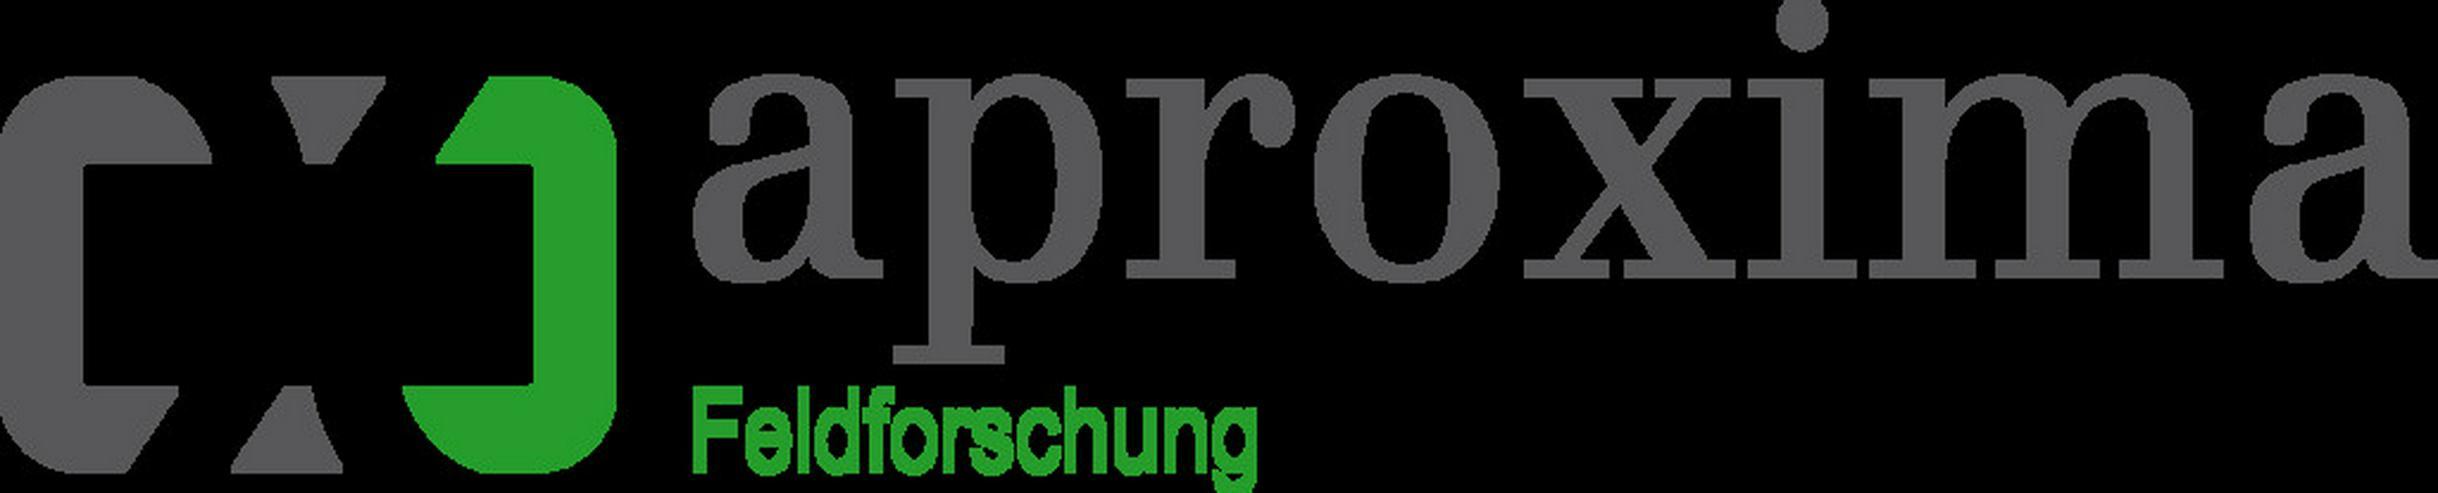 Telefoninterviewer/in in Weimar gesucht! - Sozial- & Wirtschaftswissenschaften - Bild 1